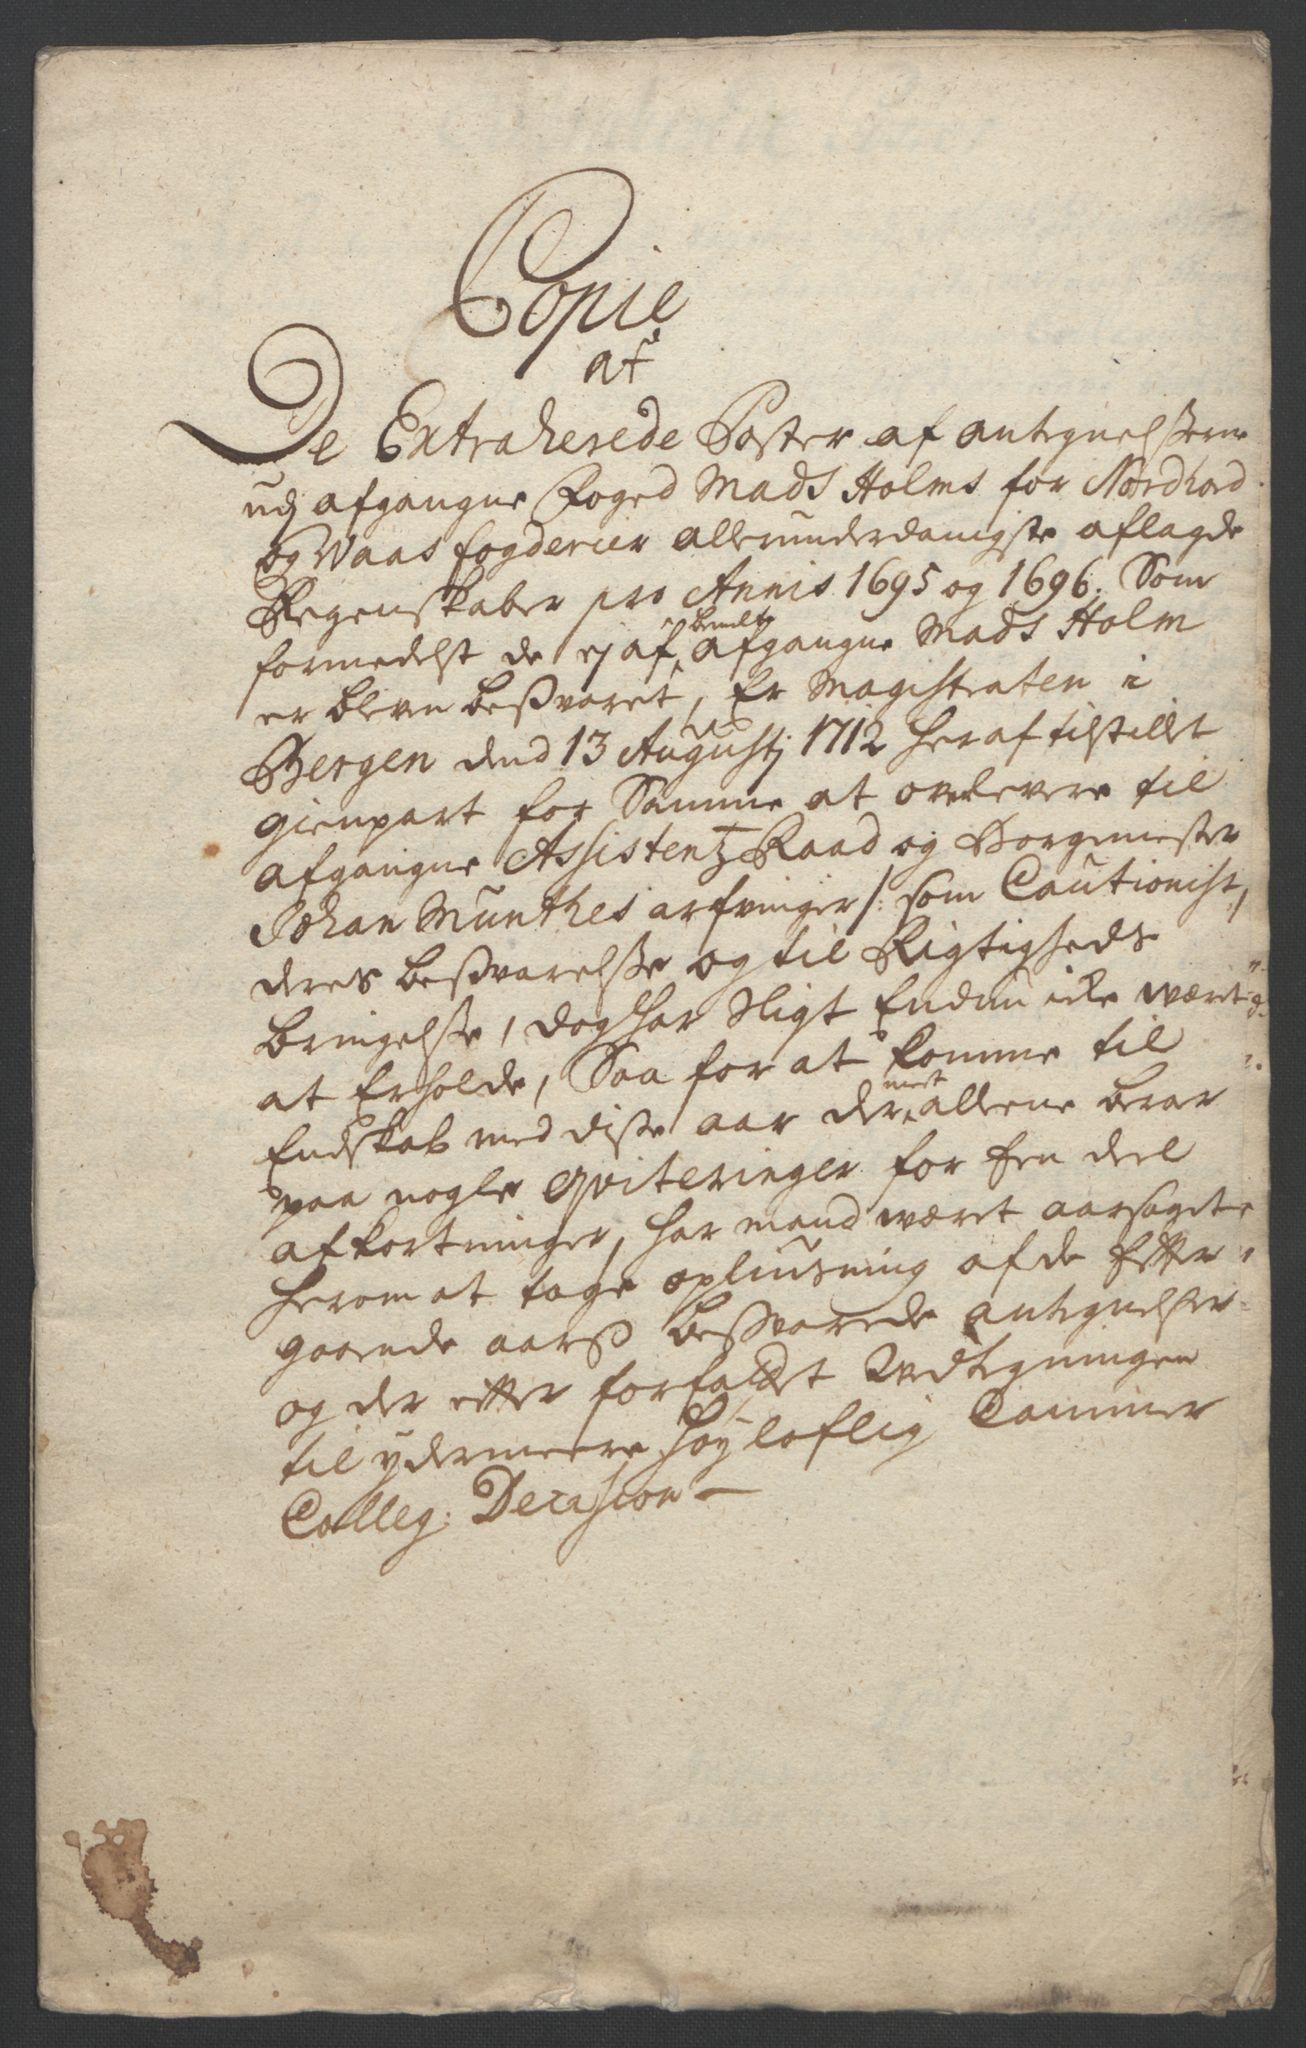 RA, Rentekammeret inntil 1814, Reviderte regnskaper, Fogderegnskap, R51/L3183: Fogderegnskap Nordhordland og Voss, 1695-1697, s. 293